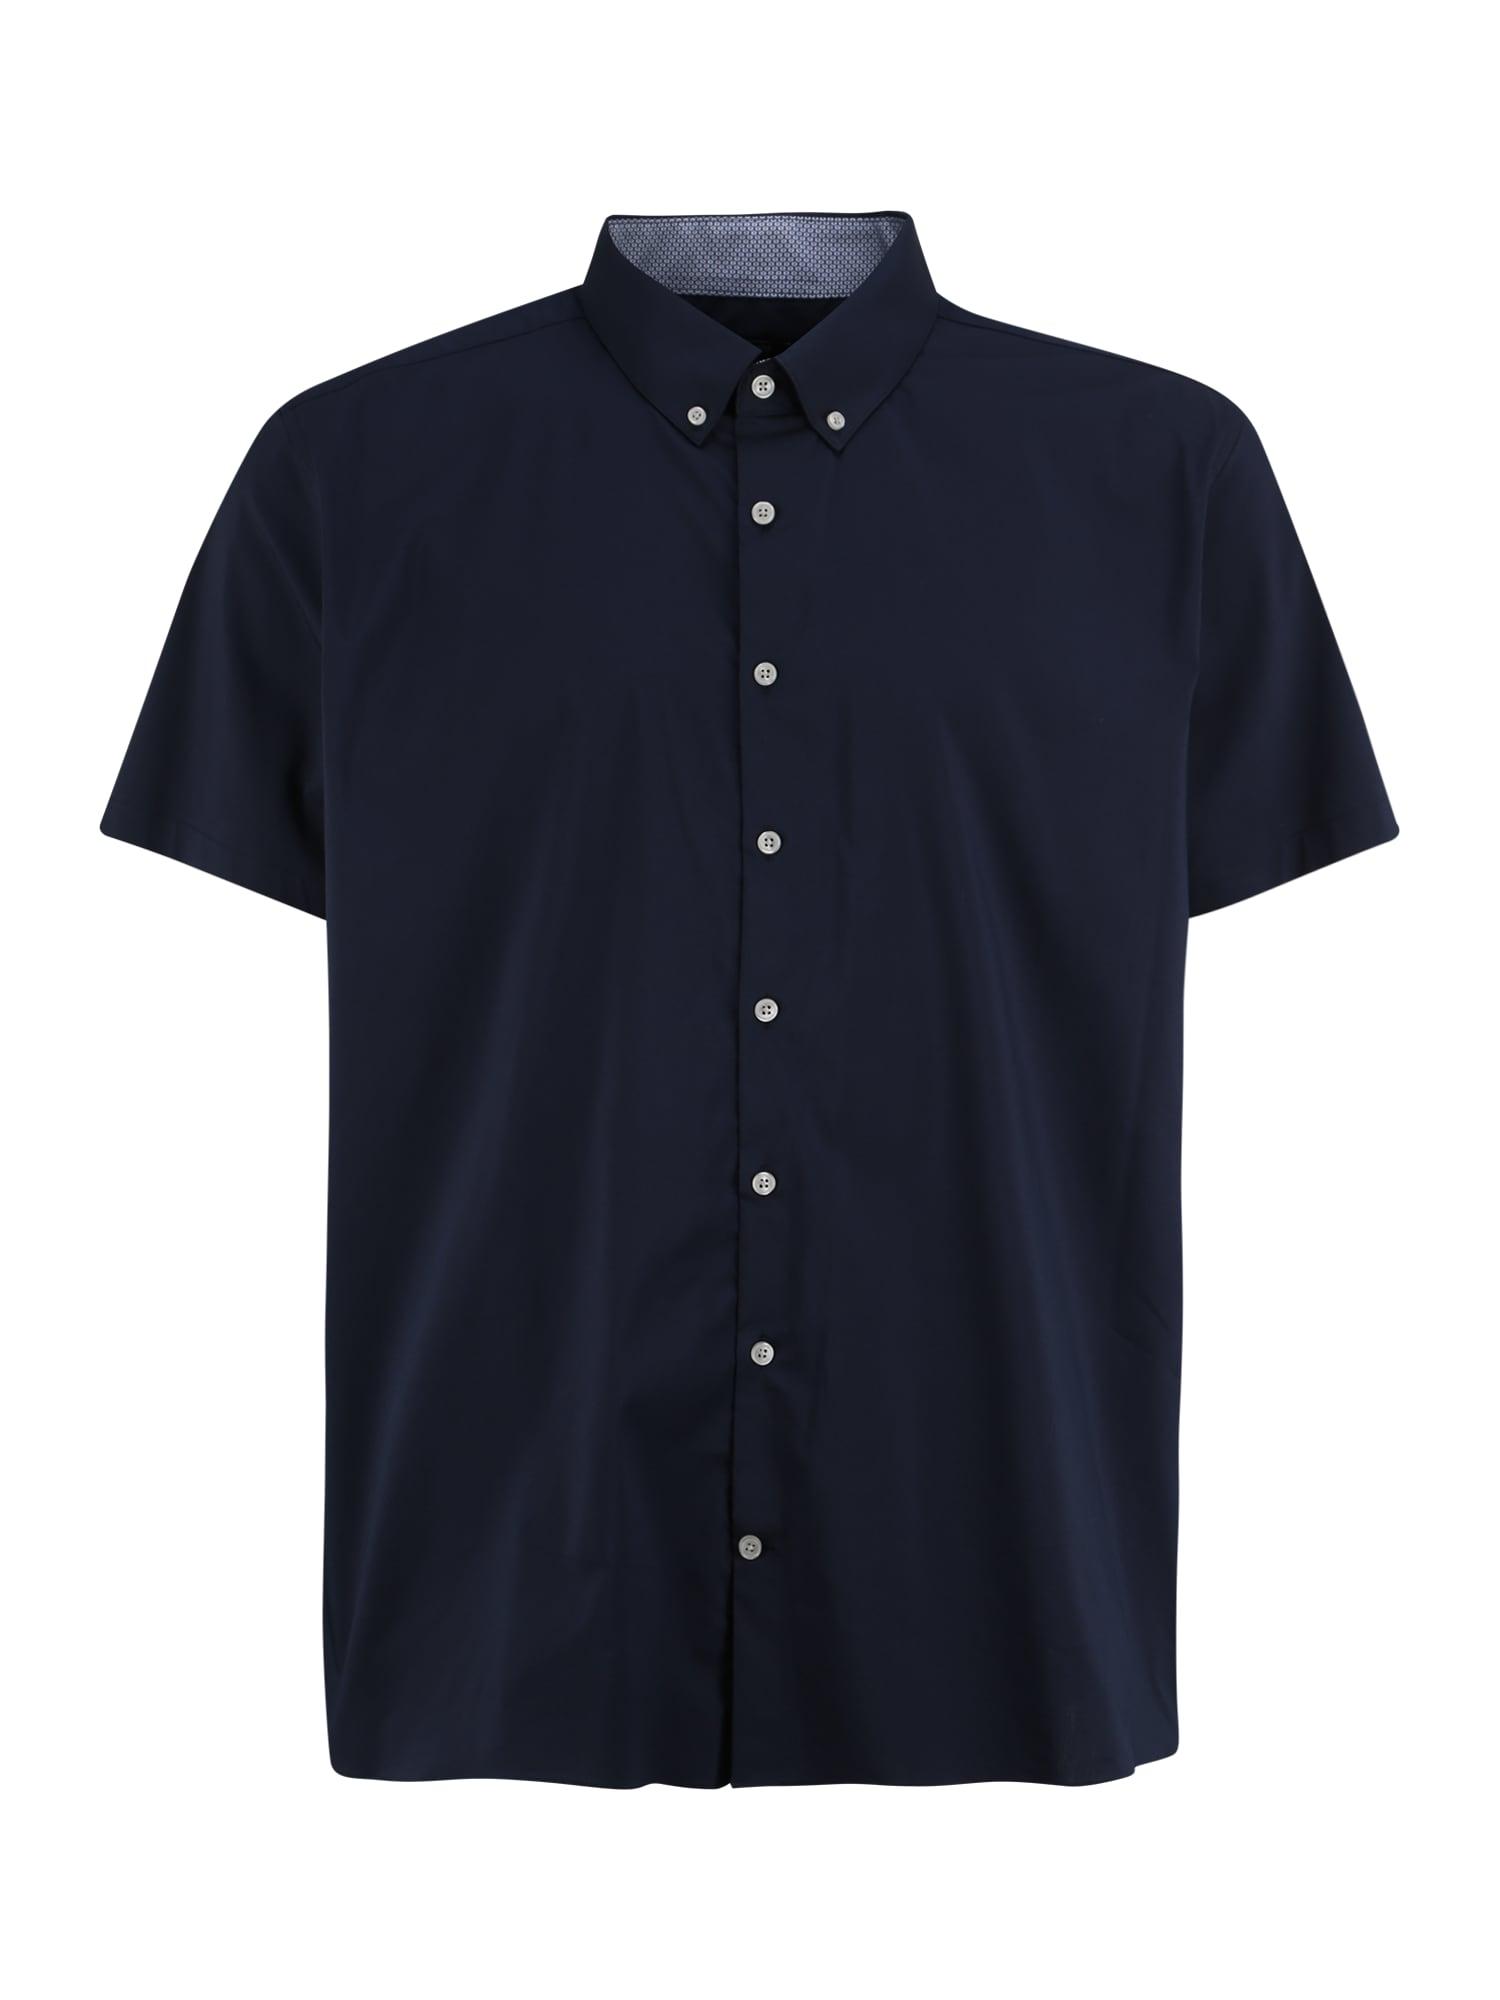 BURTON MENSWEAR LONDON (Big & Tall) Marškiniai tamsiai mėlyna